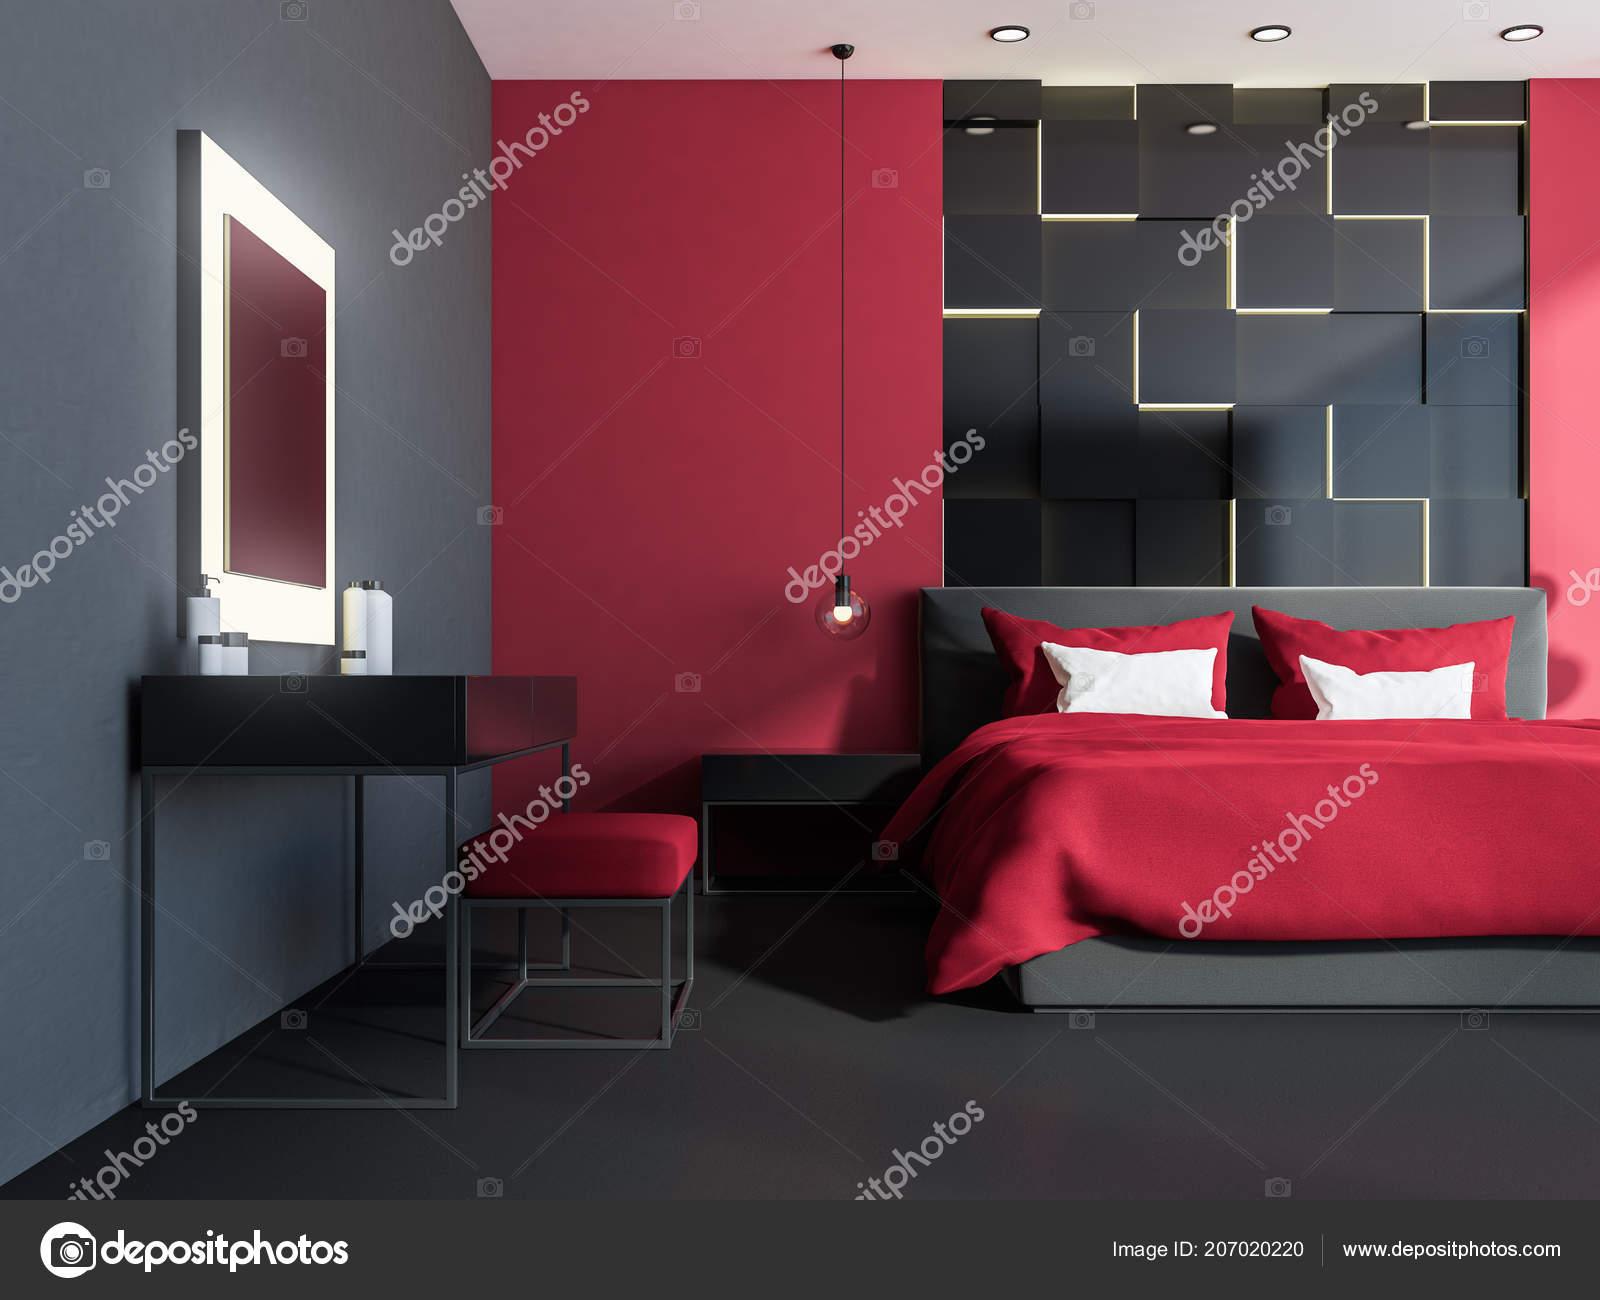 Pareti Camera Da Letto Rossa : Interiore elegante camera letto con pareti rosse pavimento grigio